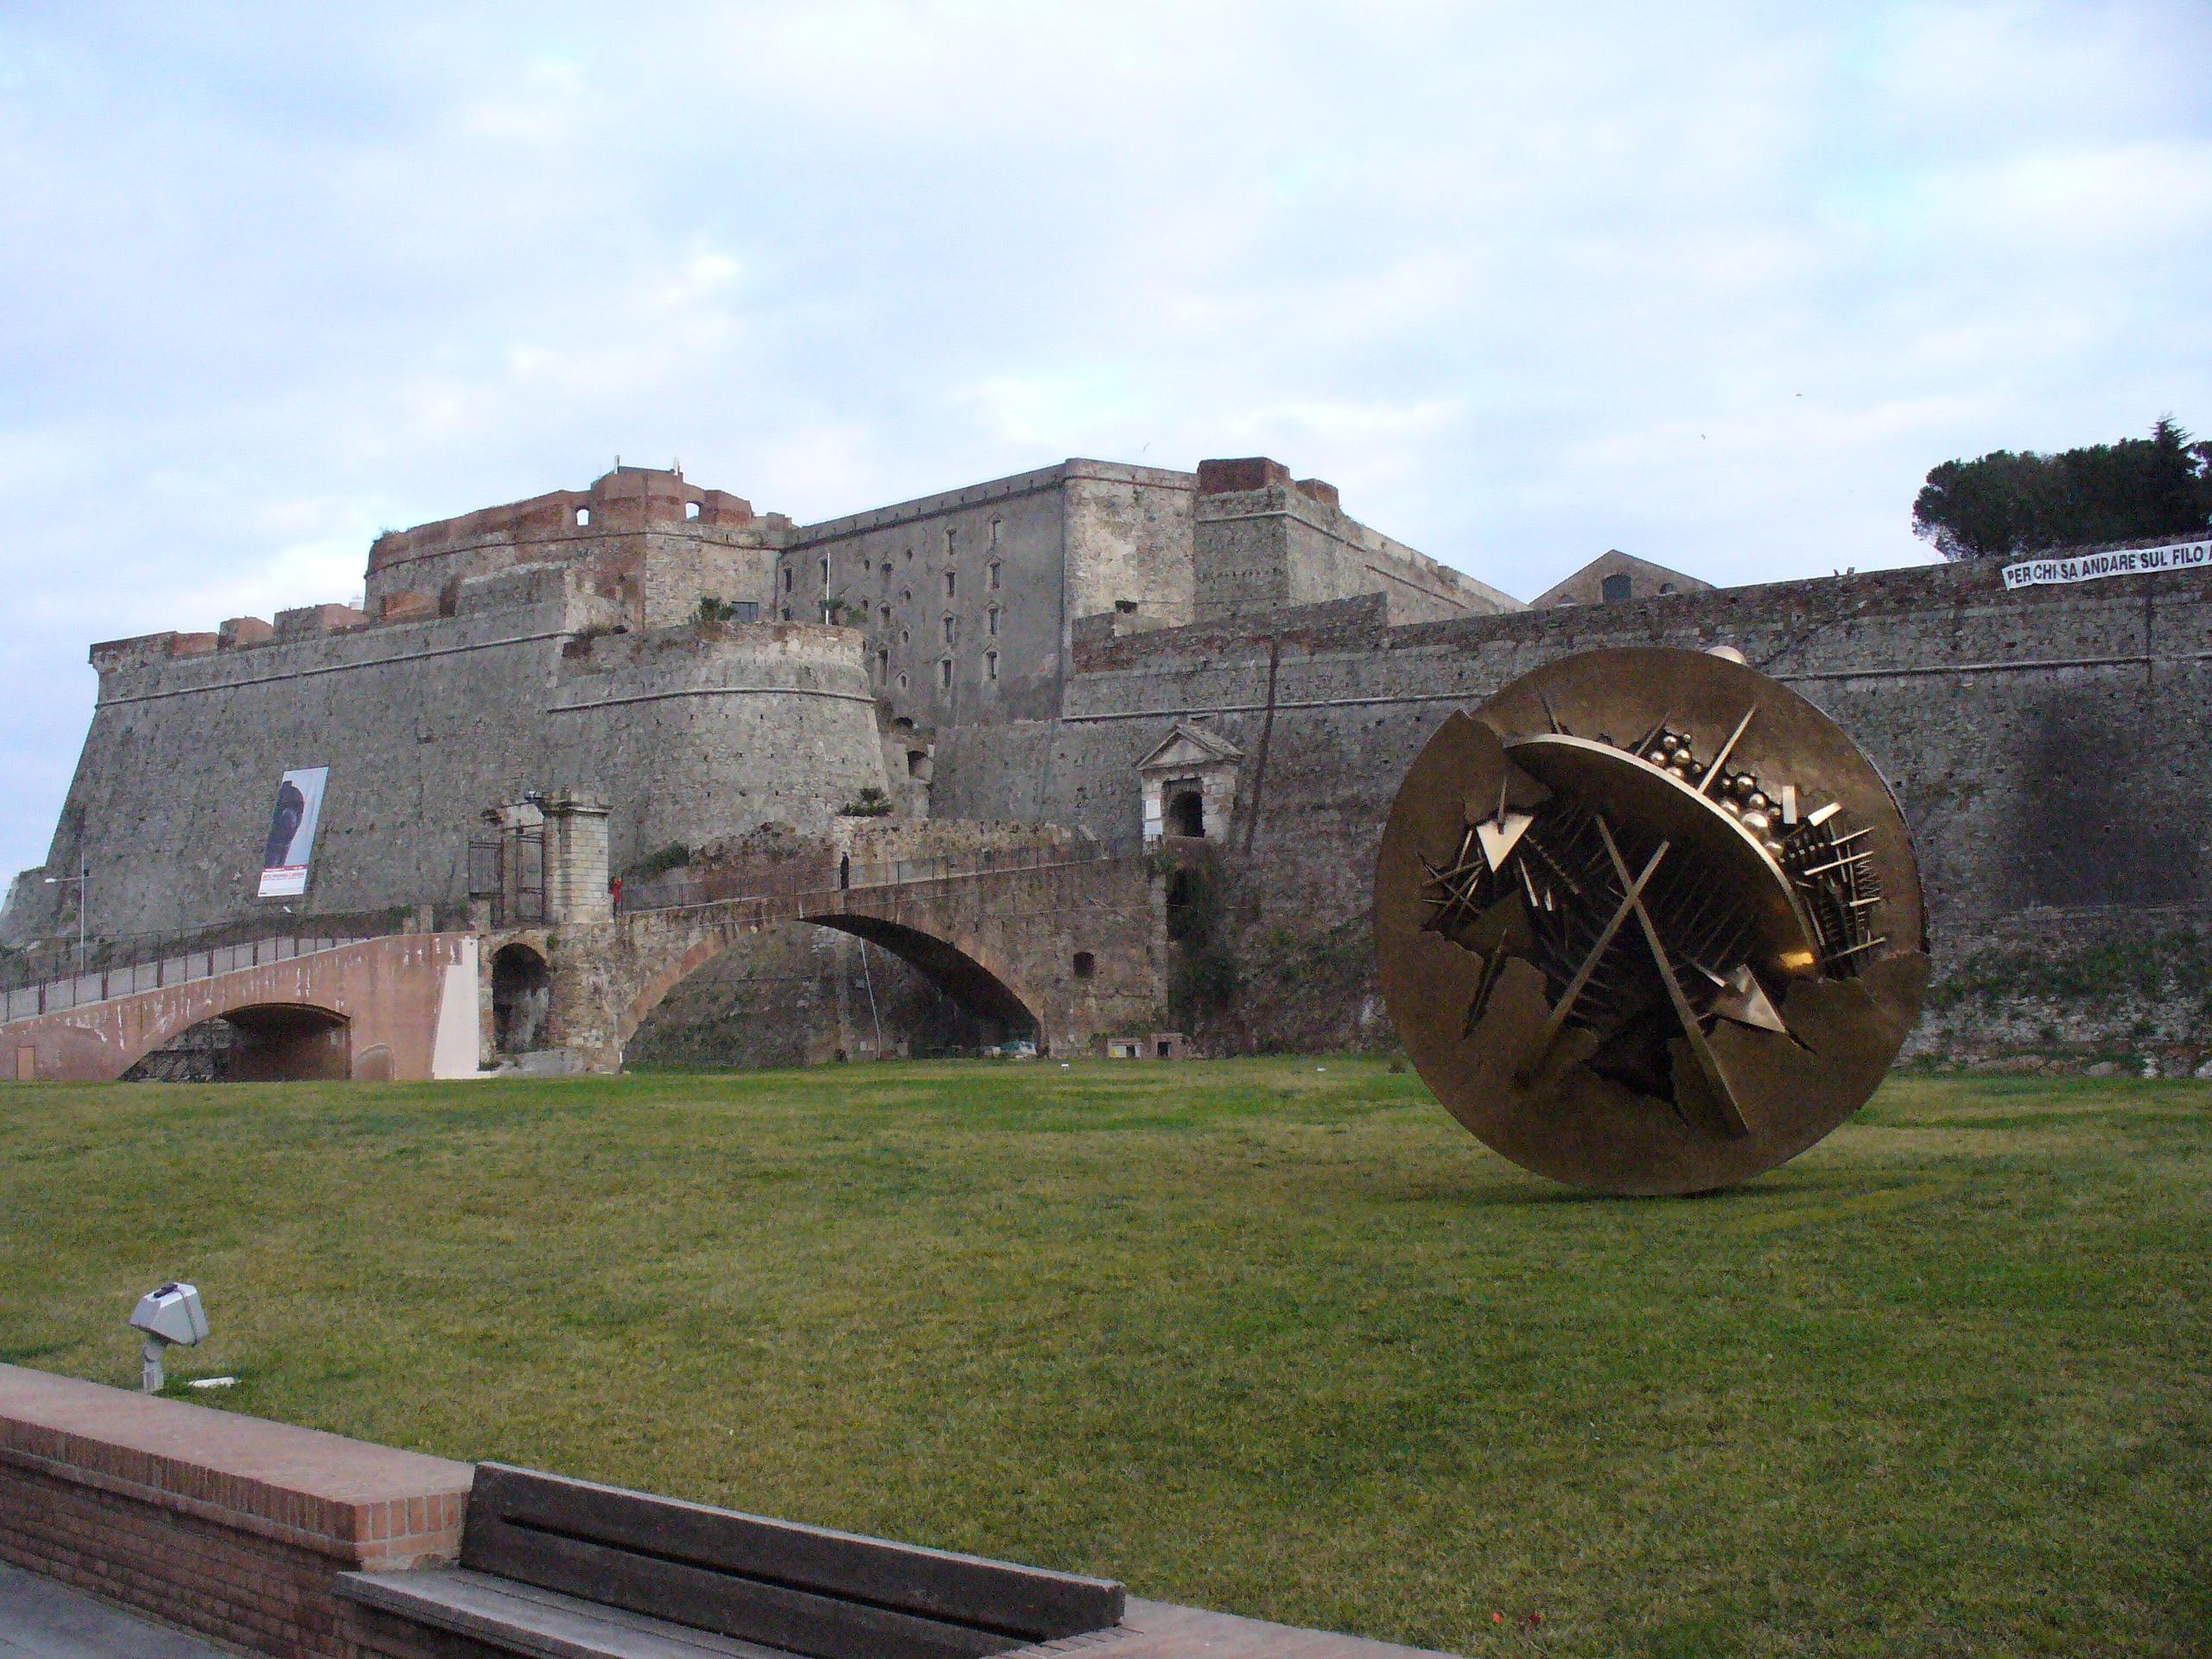 """SAVONA - La Fortezza del Priamar, Davanti alla fortificazione si può ammirare la scultura """"La Rosa nel Deserto""""."""